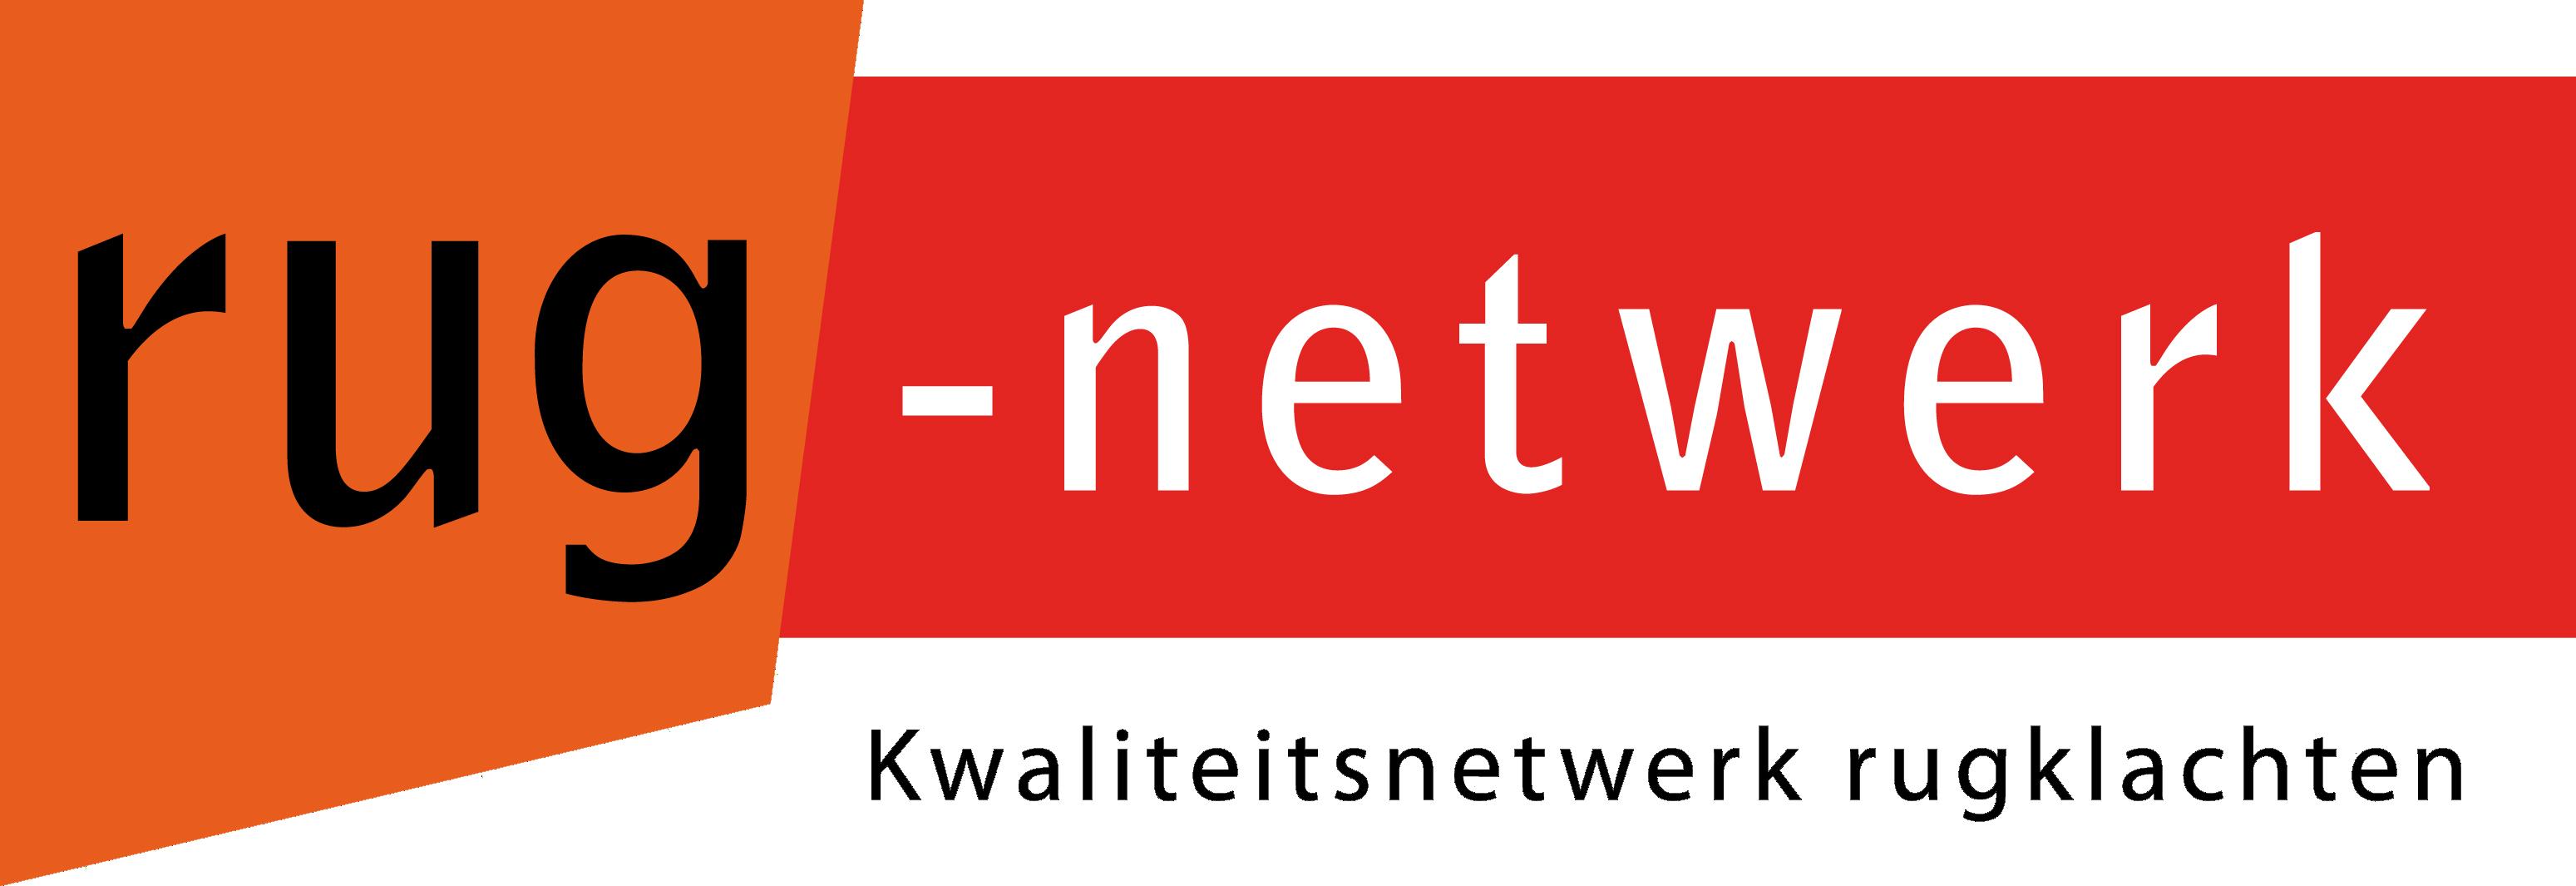 Rug-netwerk